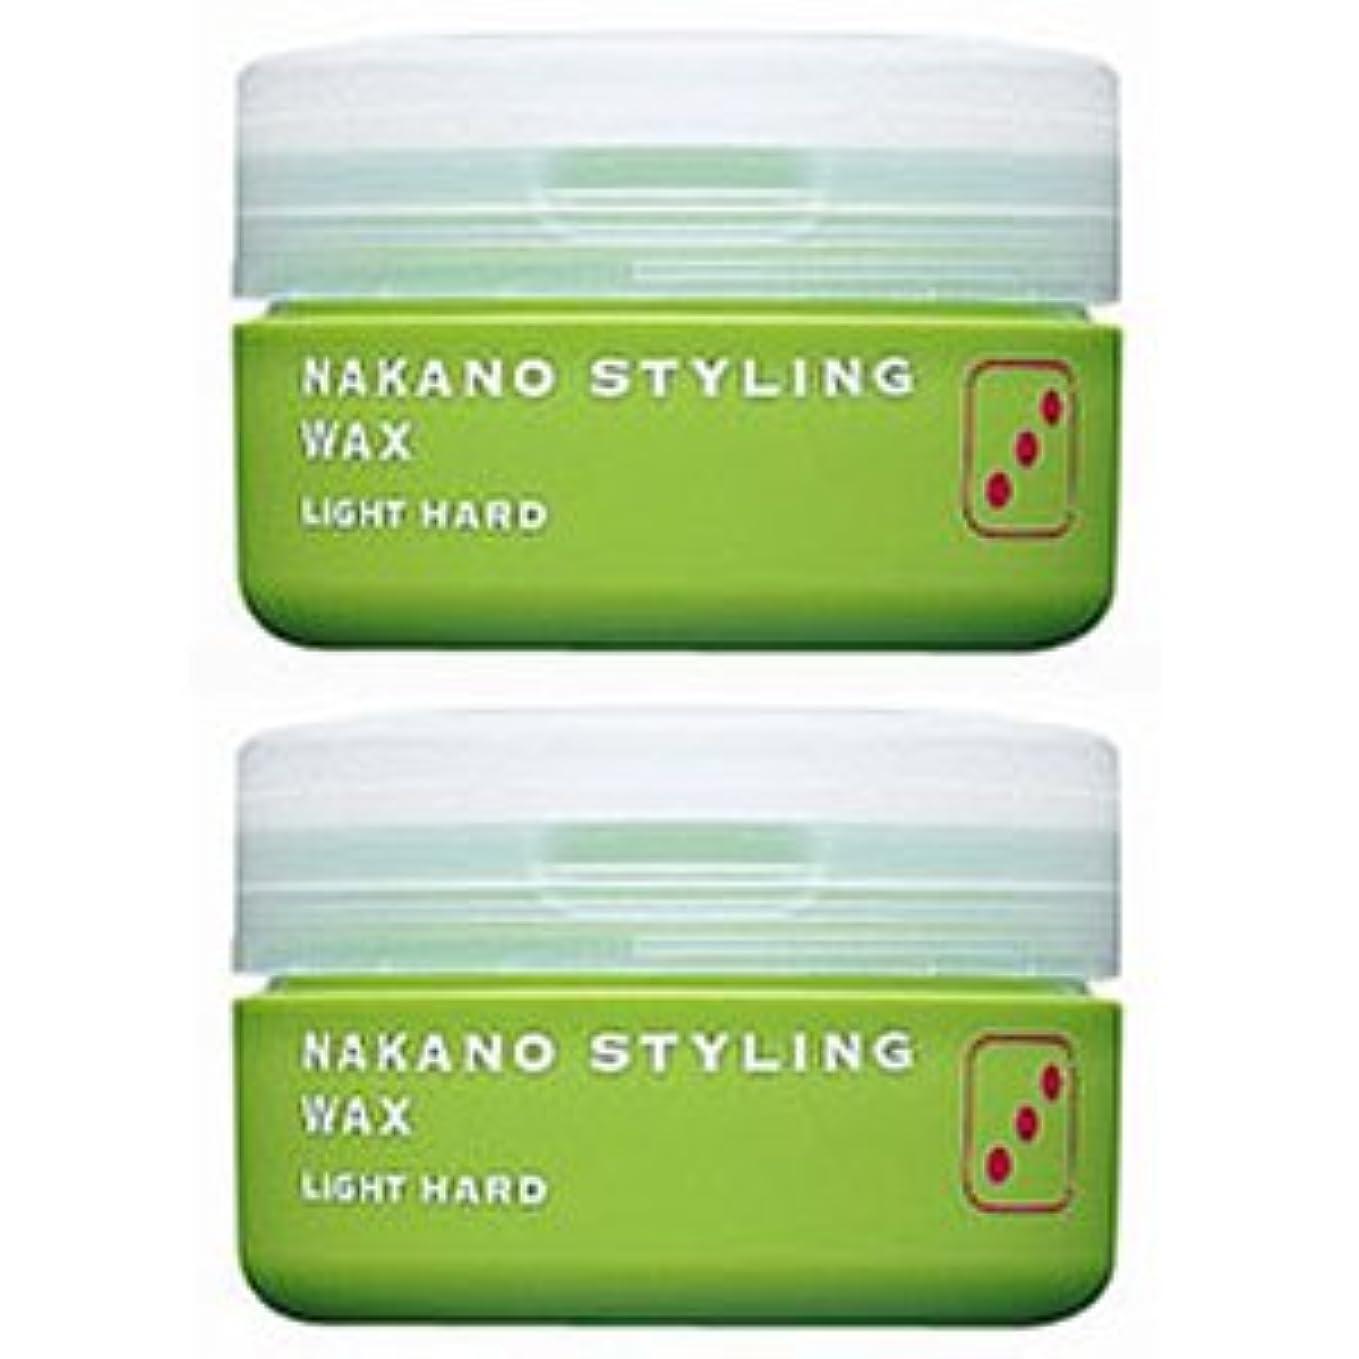 くびれた記事魔女【X2個セット】 ナカノ スタイリング ワックス 3 ライトハード 90g